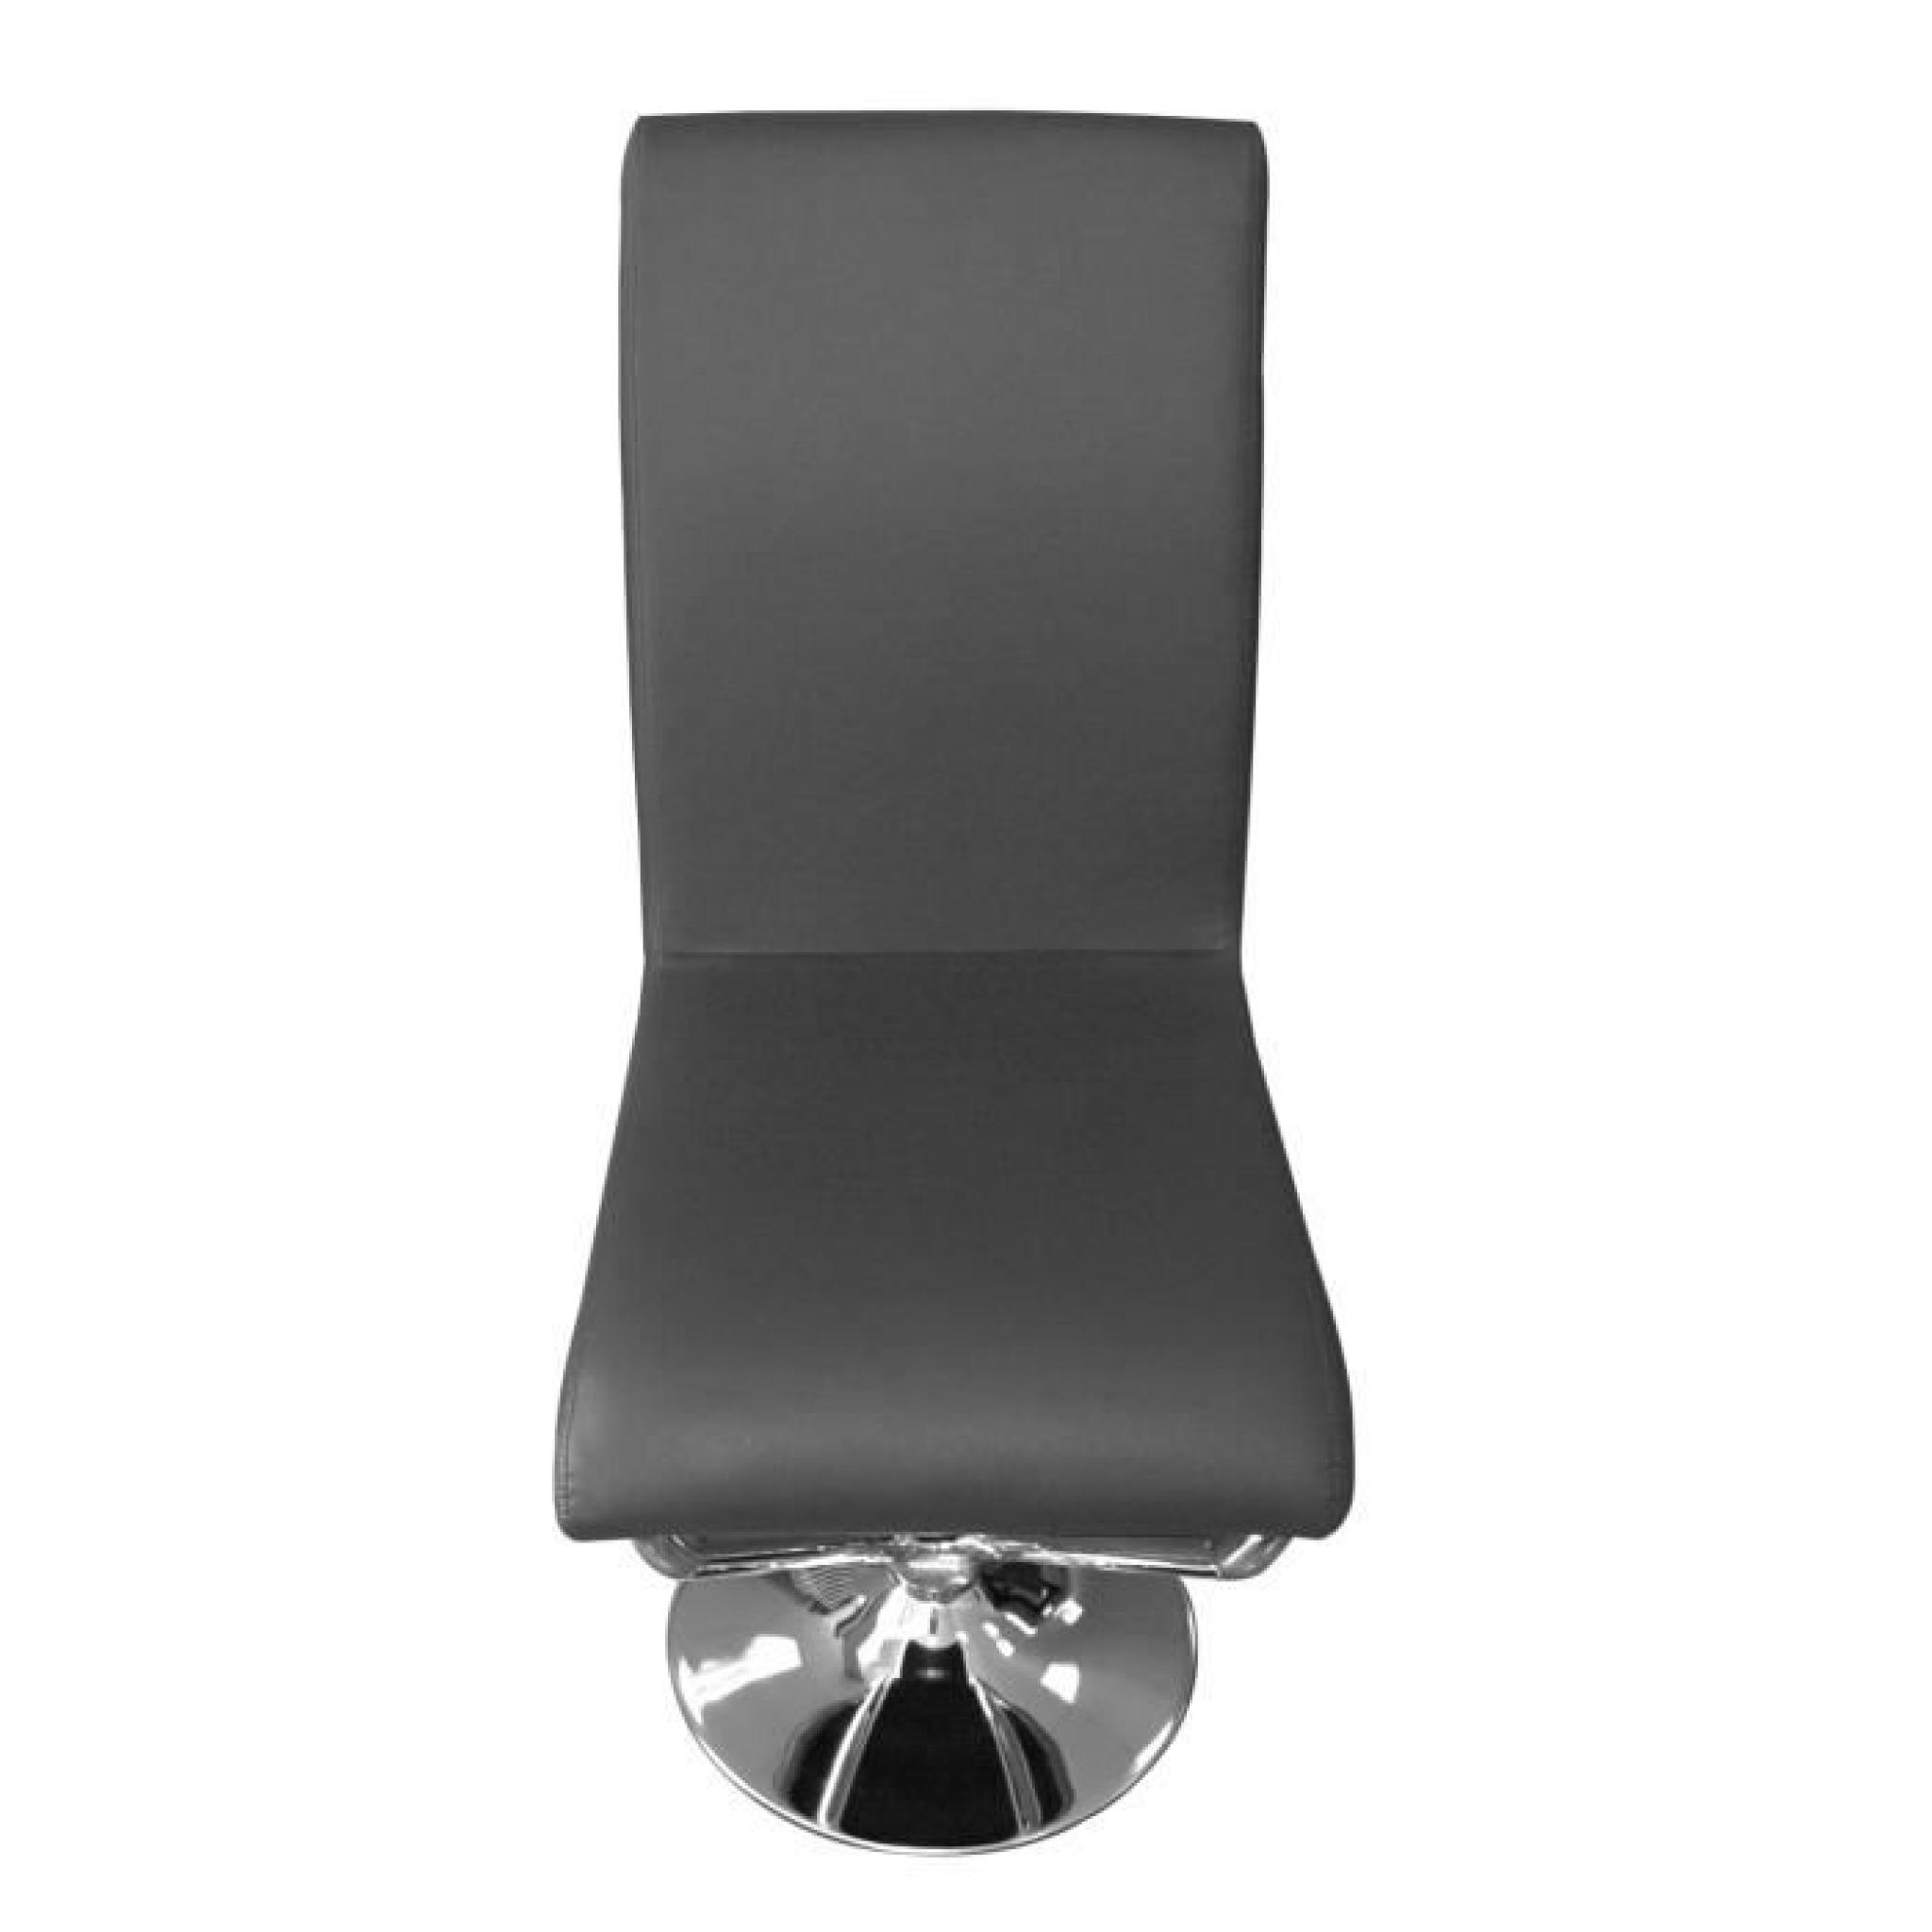 Lot de 6 chaises colami gris achat vente chaise salle a manger pas cher c - Lot de 6 chaise pas cher ...